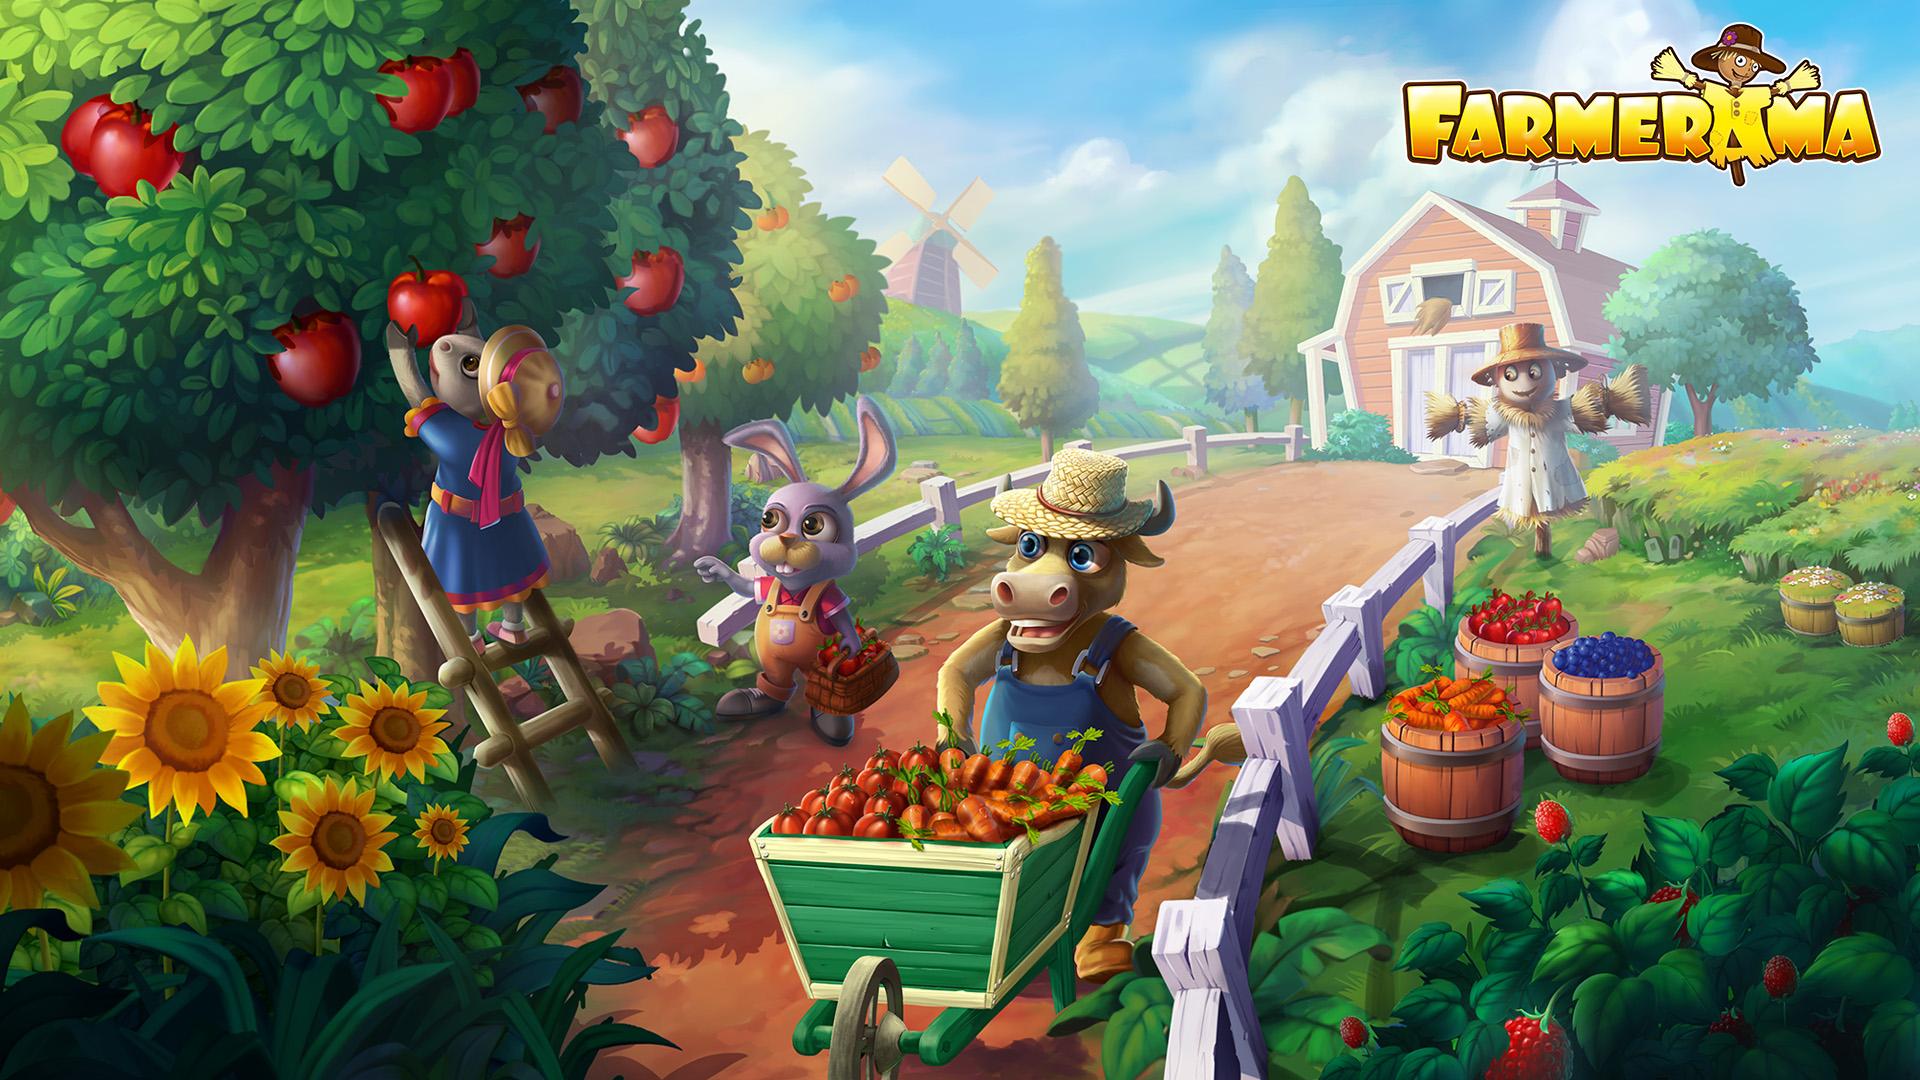 Farmerama_Wallpaper_1.jpg